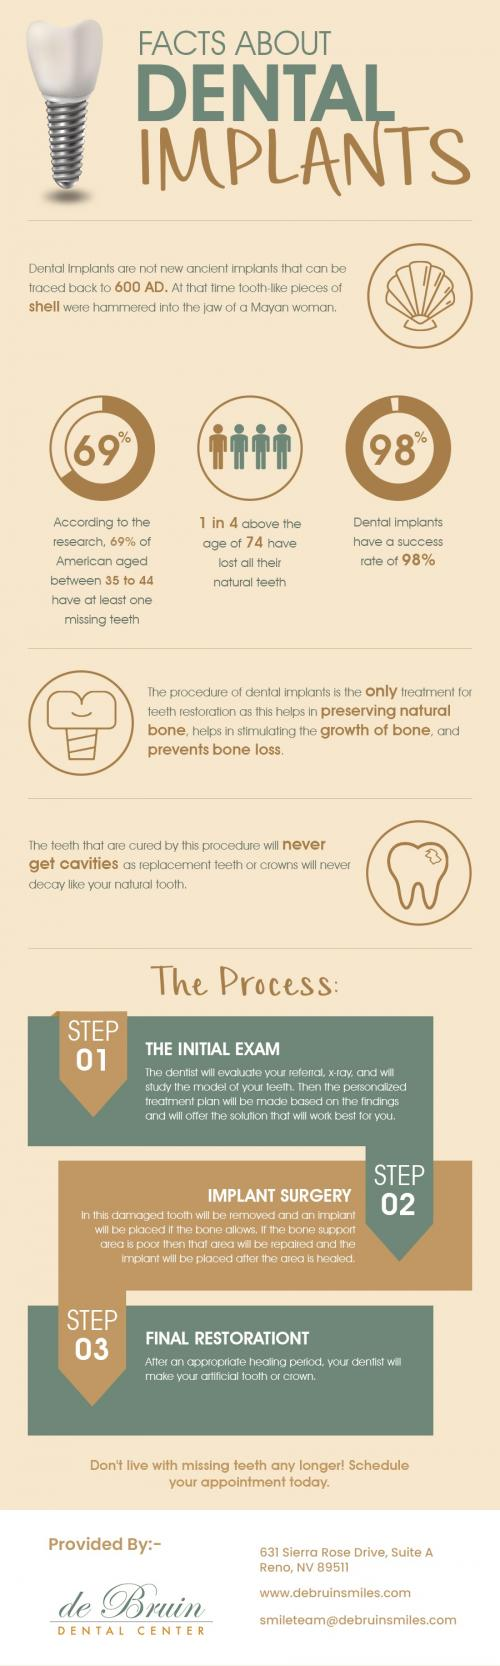 de Bruin Dental Center - Quality Implant Dentistry in Reno, NV